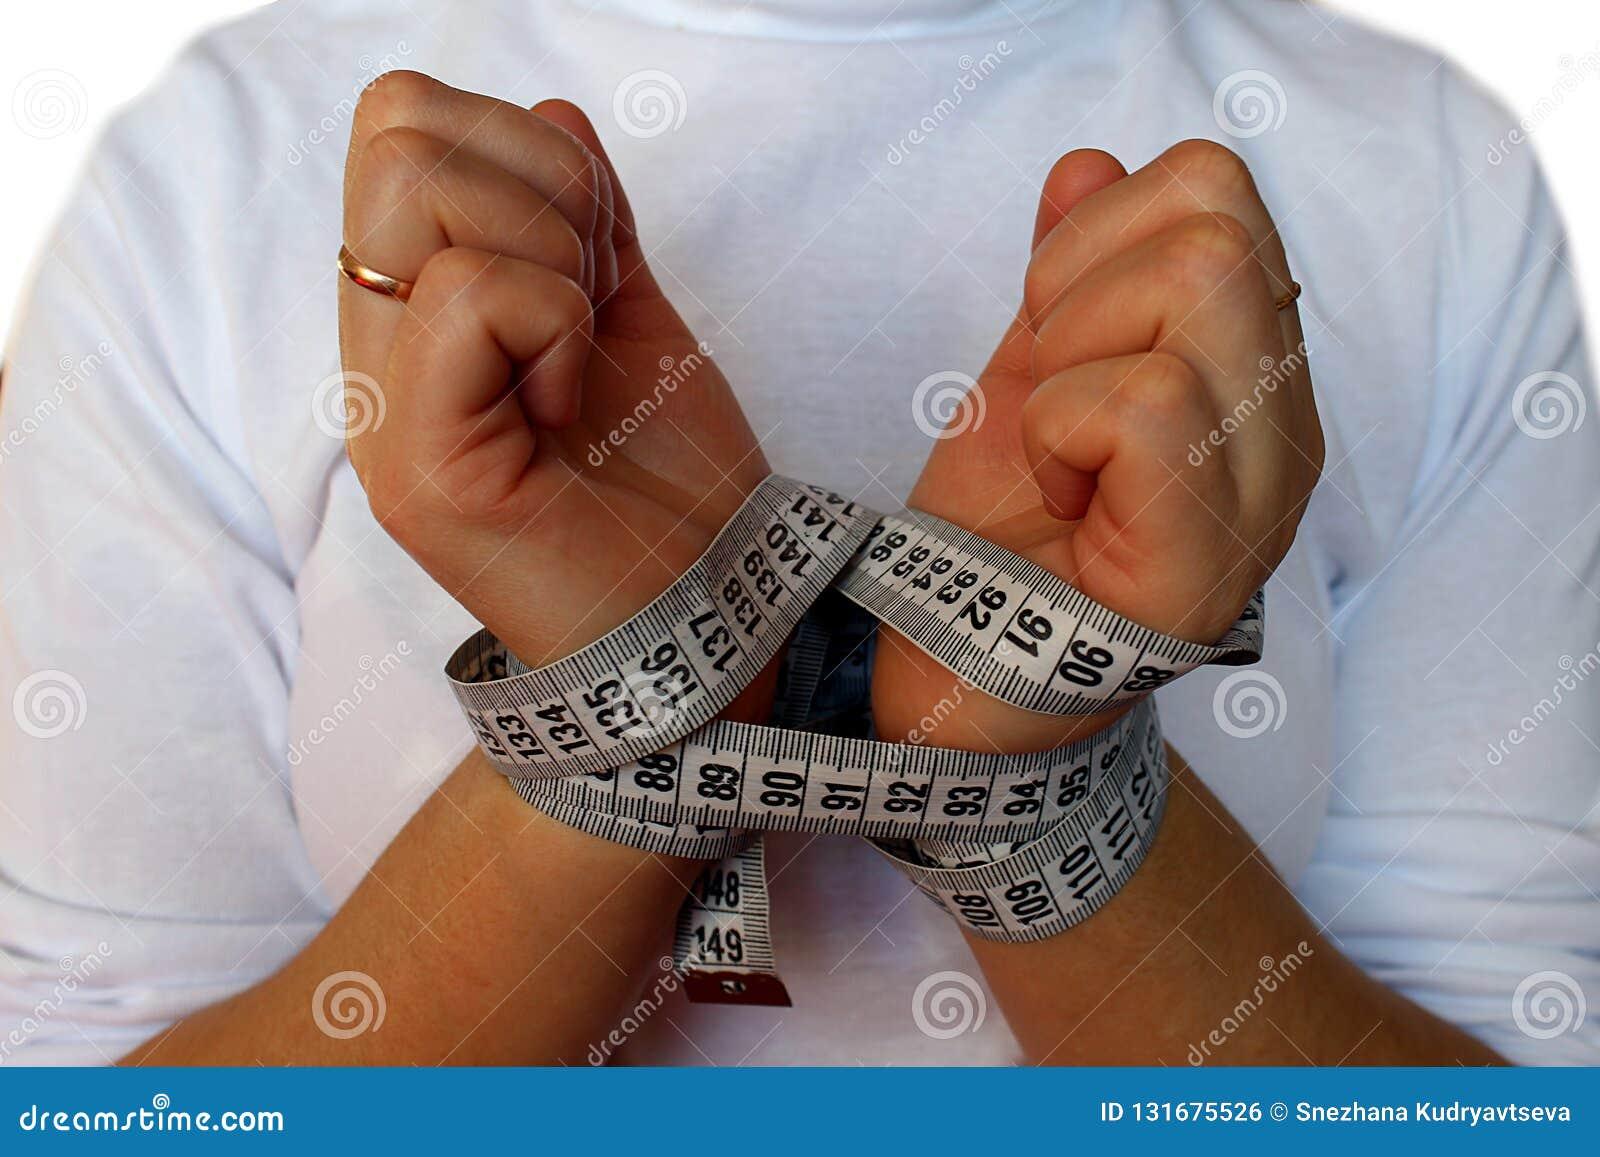 De handen van vrouwen met een metende band worden gebonden die